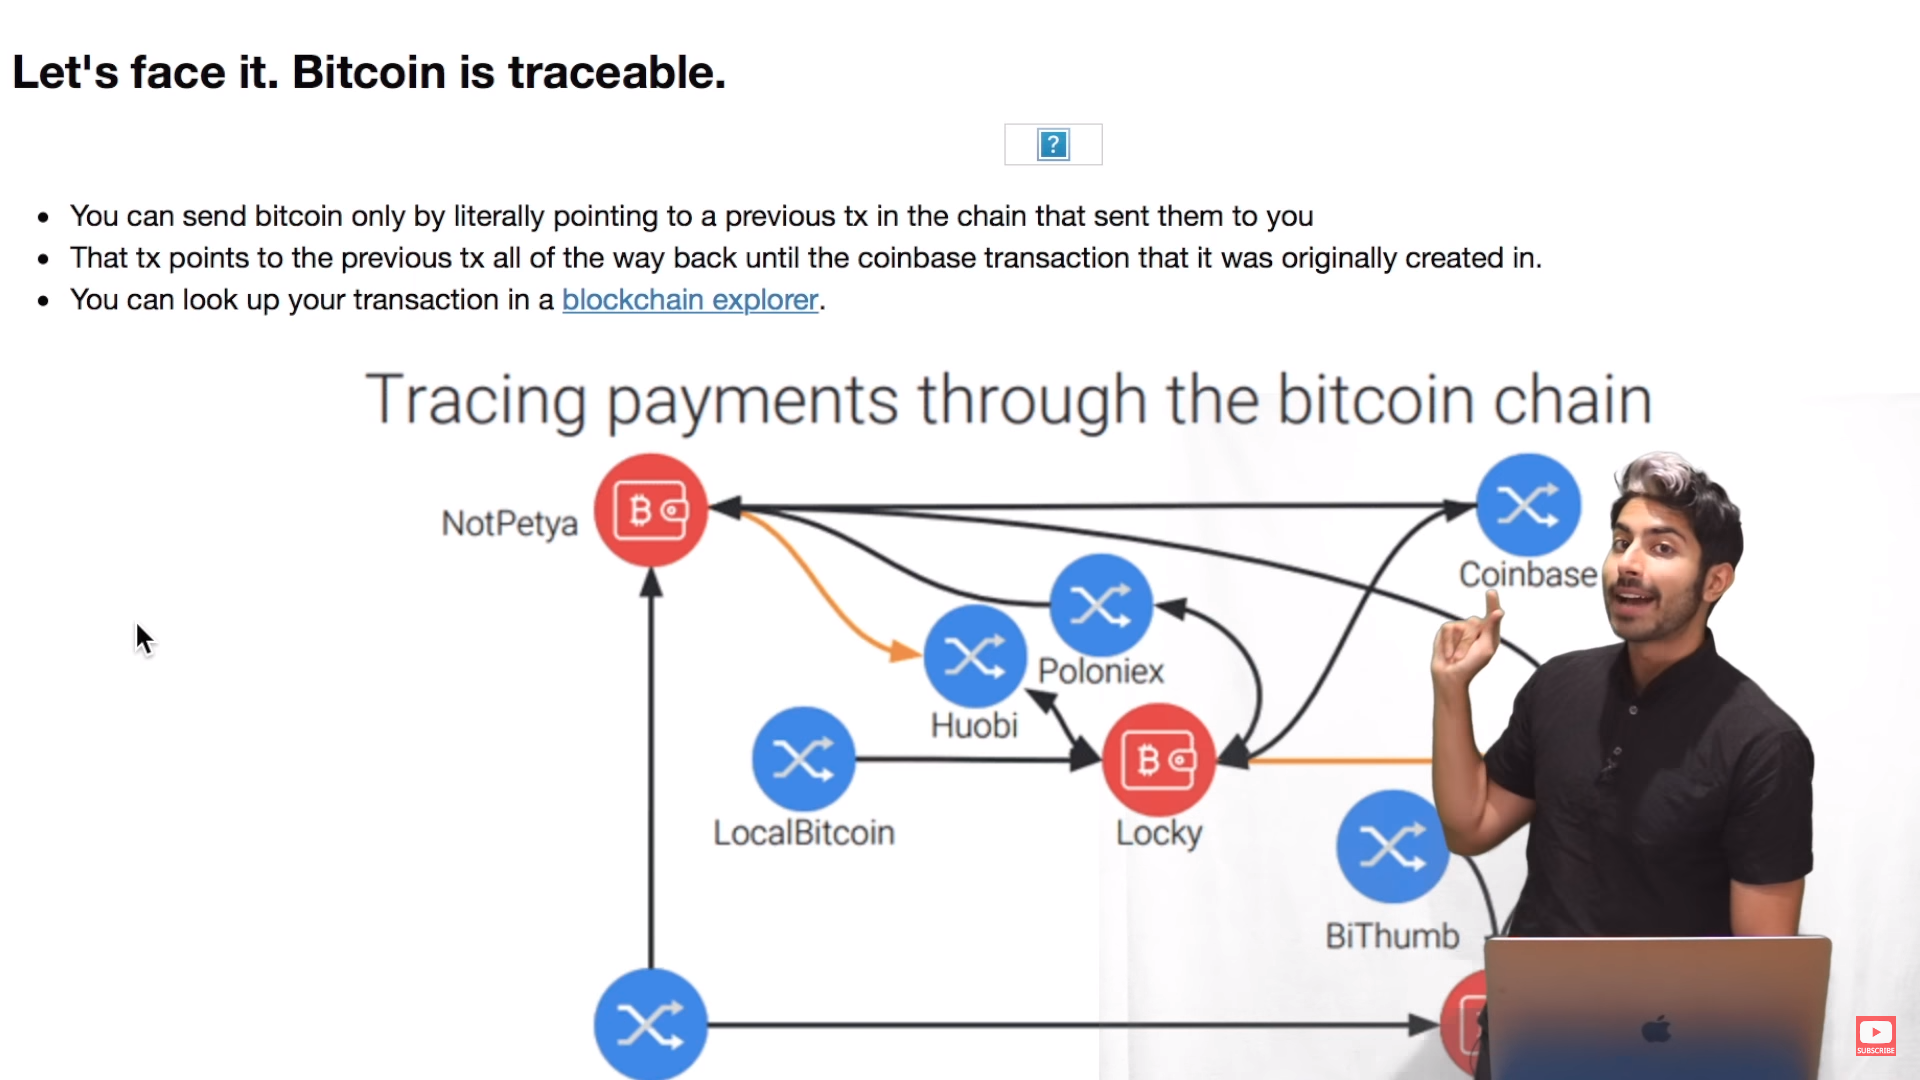 От новичка до профи в блокчейн-технологиях за 2 месяца